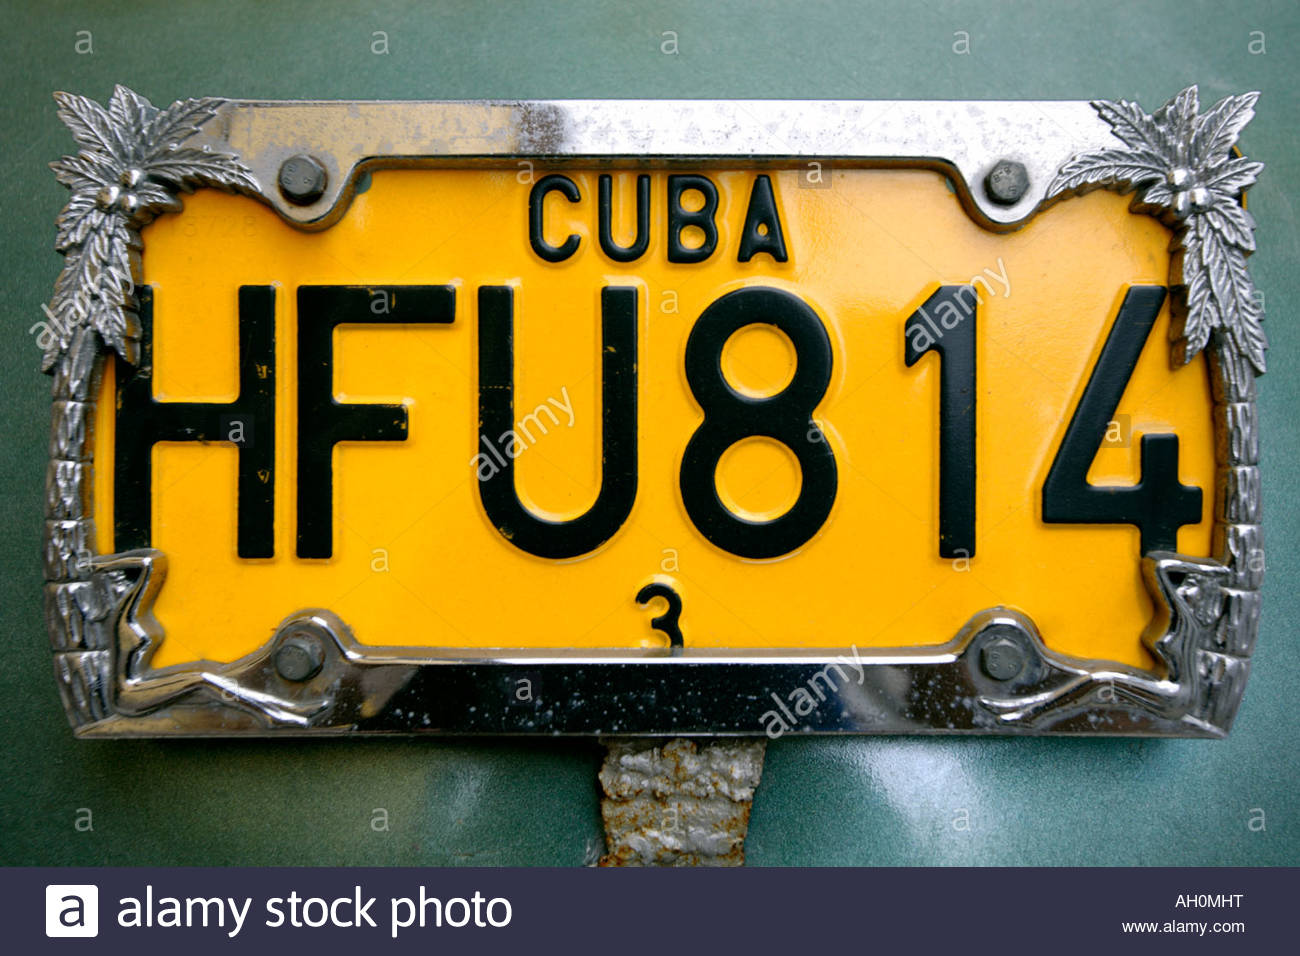 Decorative Car Number Plate Havana Cuba & Decorative Car Number Plate Havana Cuba Stock Photo: 14319635 - Alamy